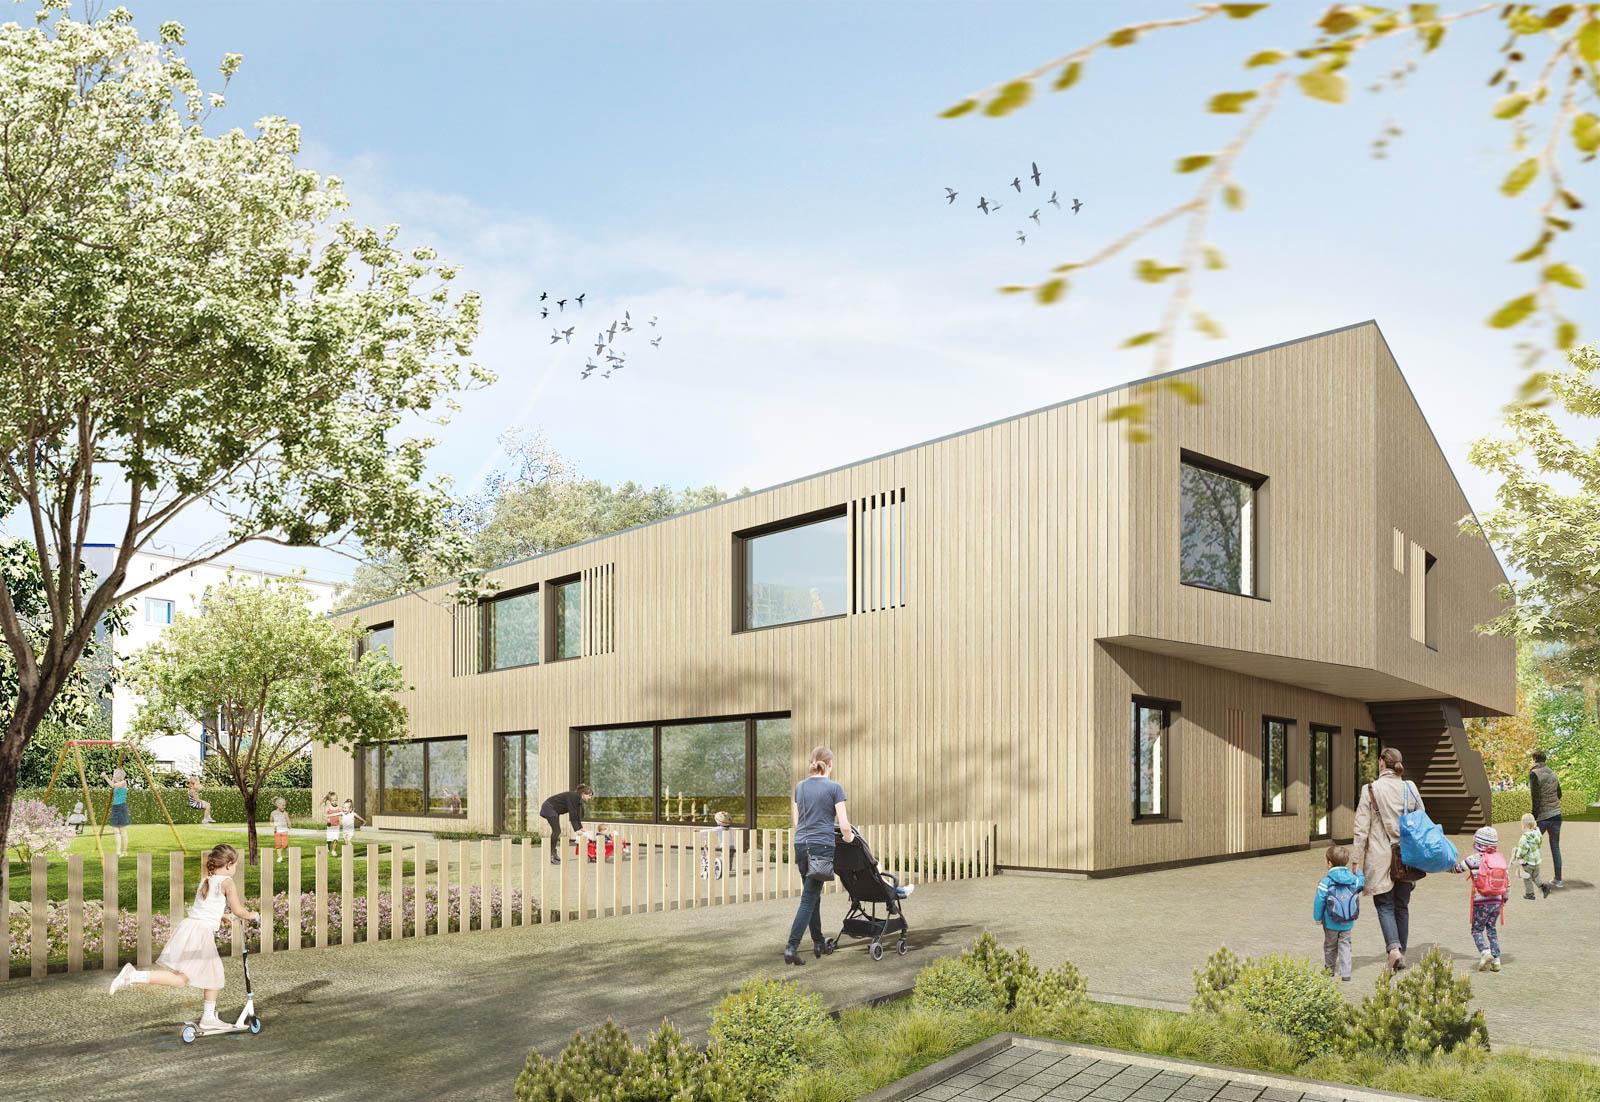 Nickel und Wachter Architekten - Rendering Kita Jean-Paul